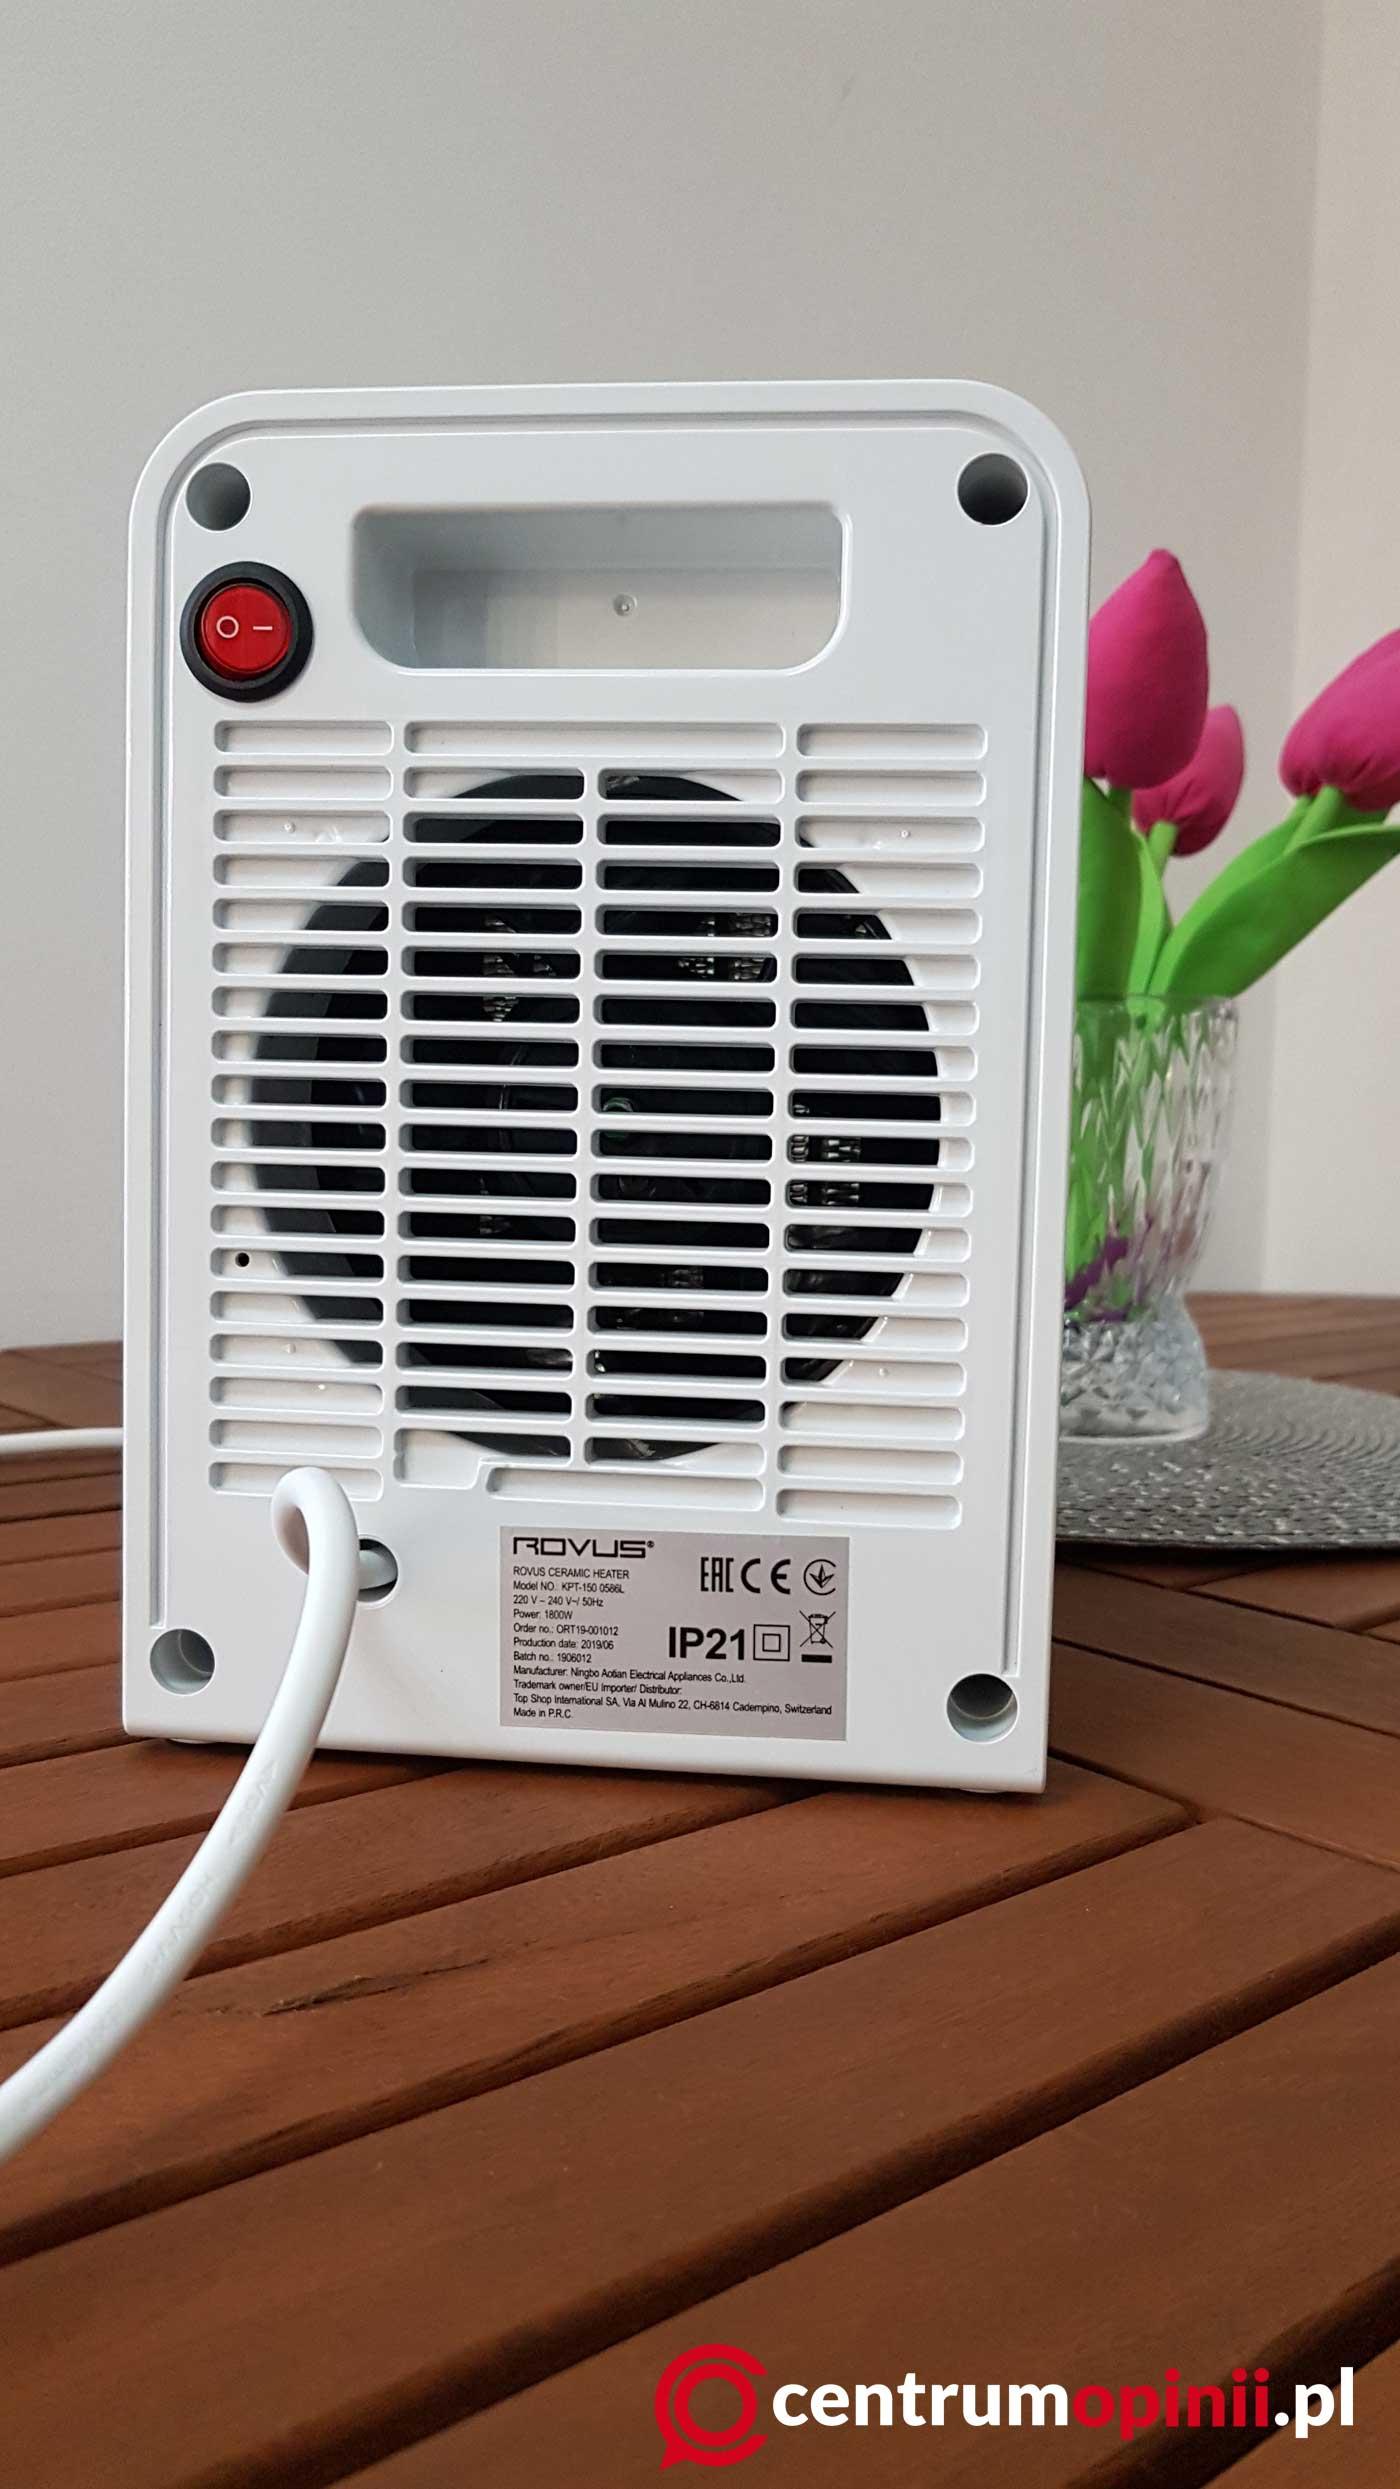 Grzejnik Rovus Ceramic Heater tył urządzenia